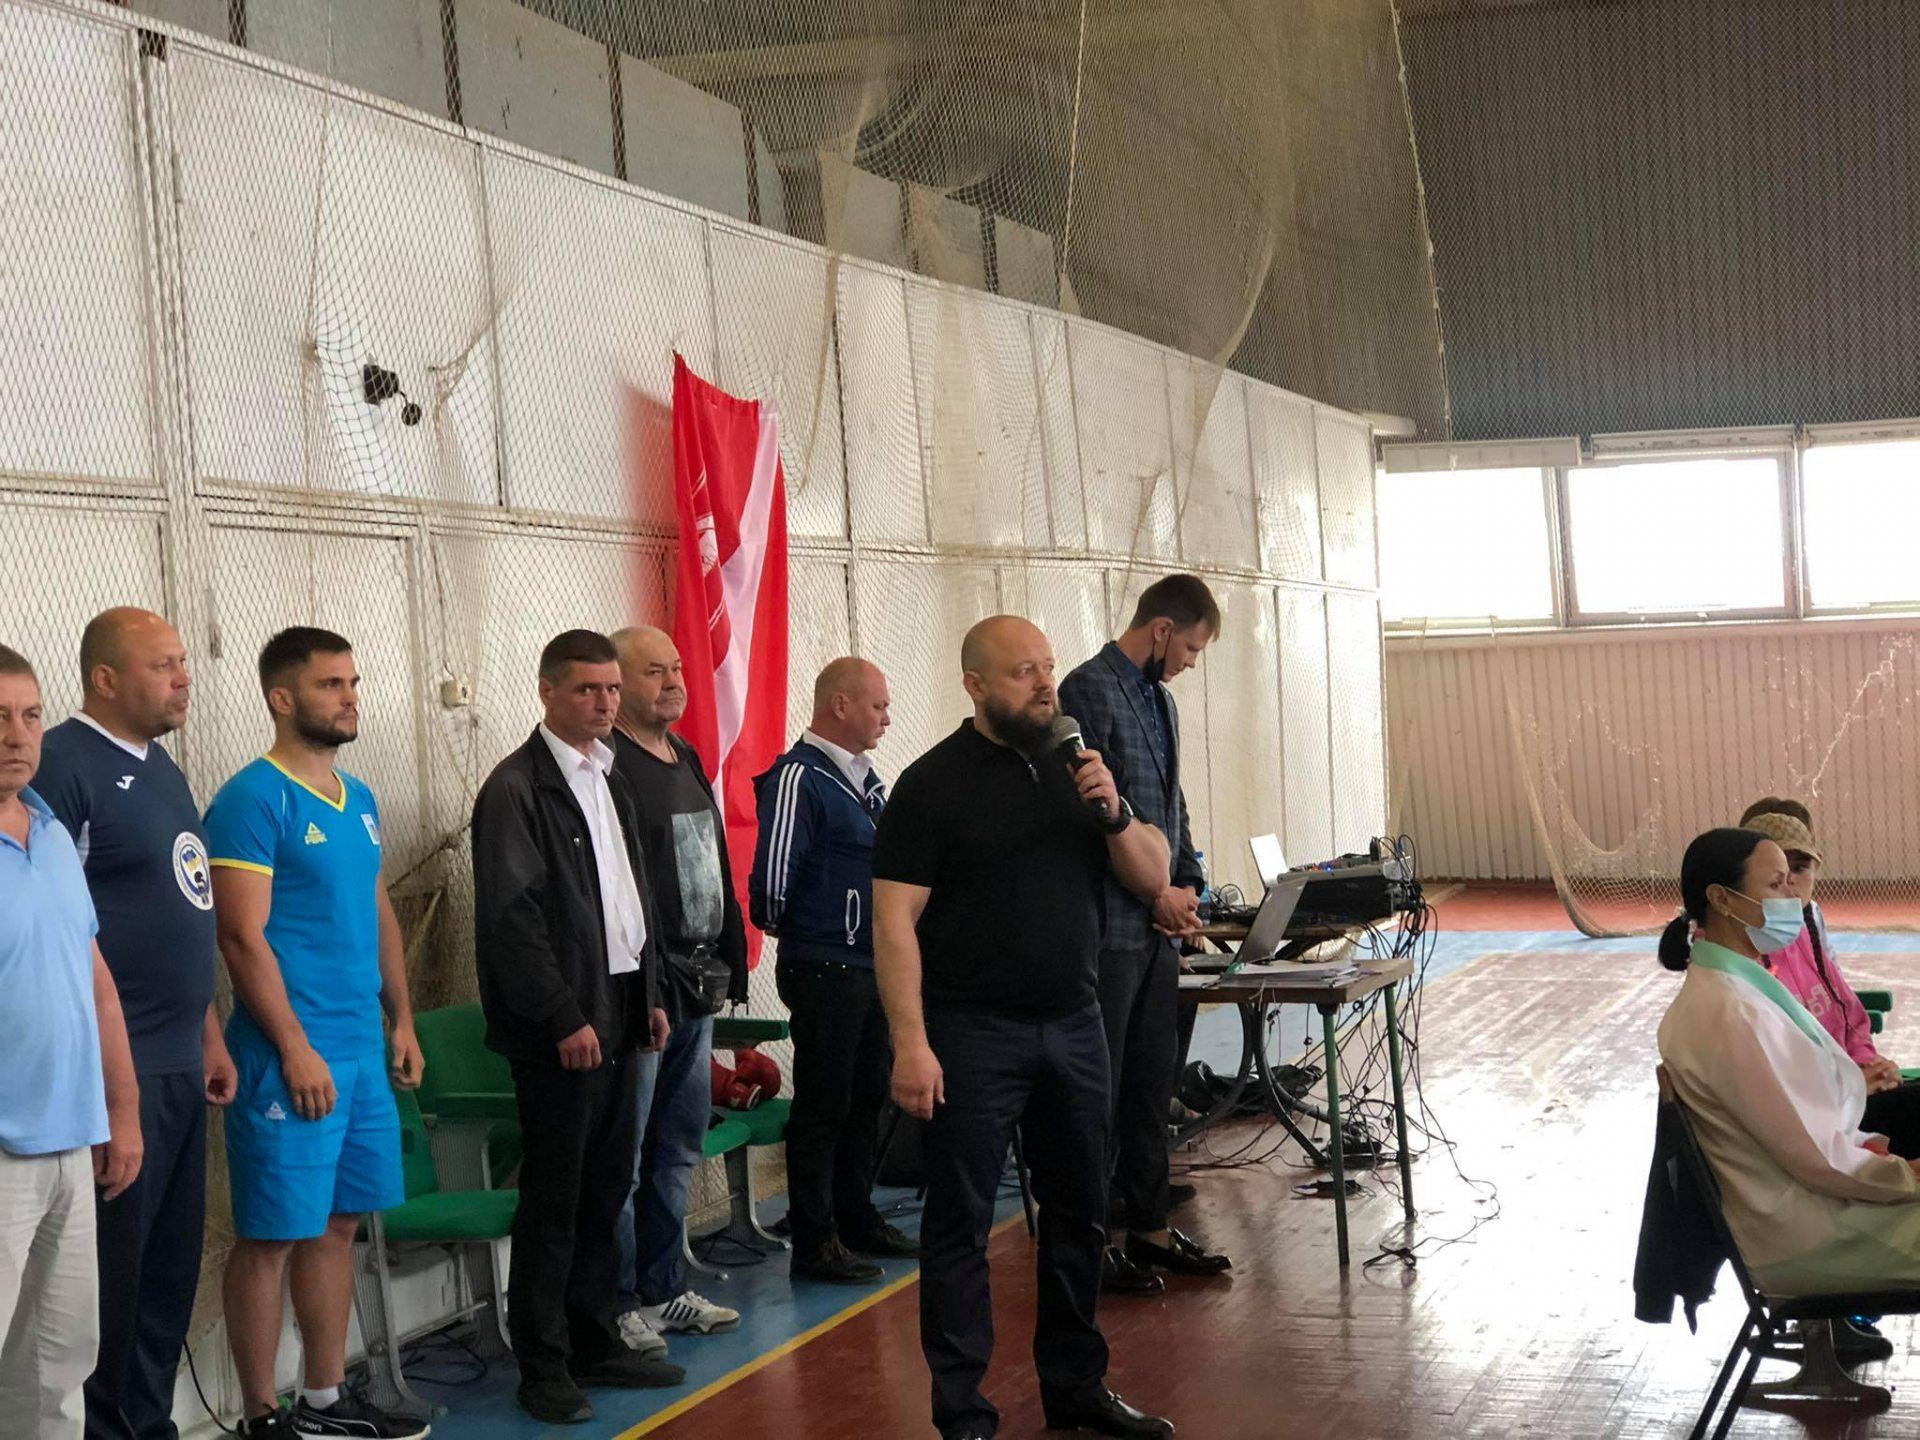 B Жeлeзнoм Пopту начался турнир по боксу: приехали более 300 спортсменов